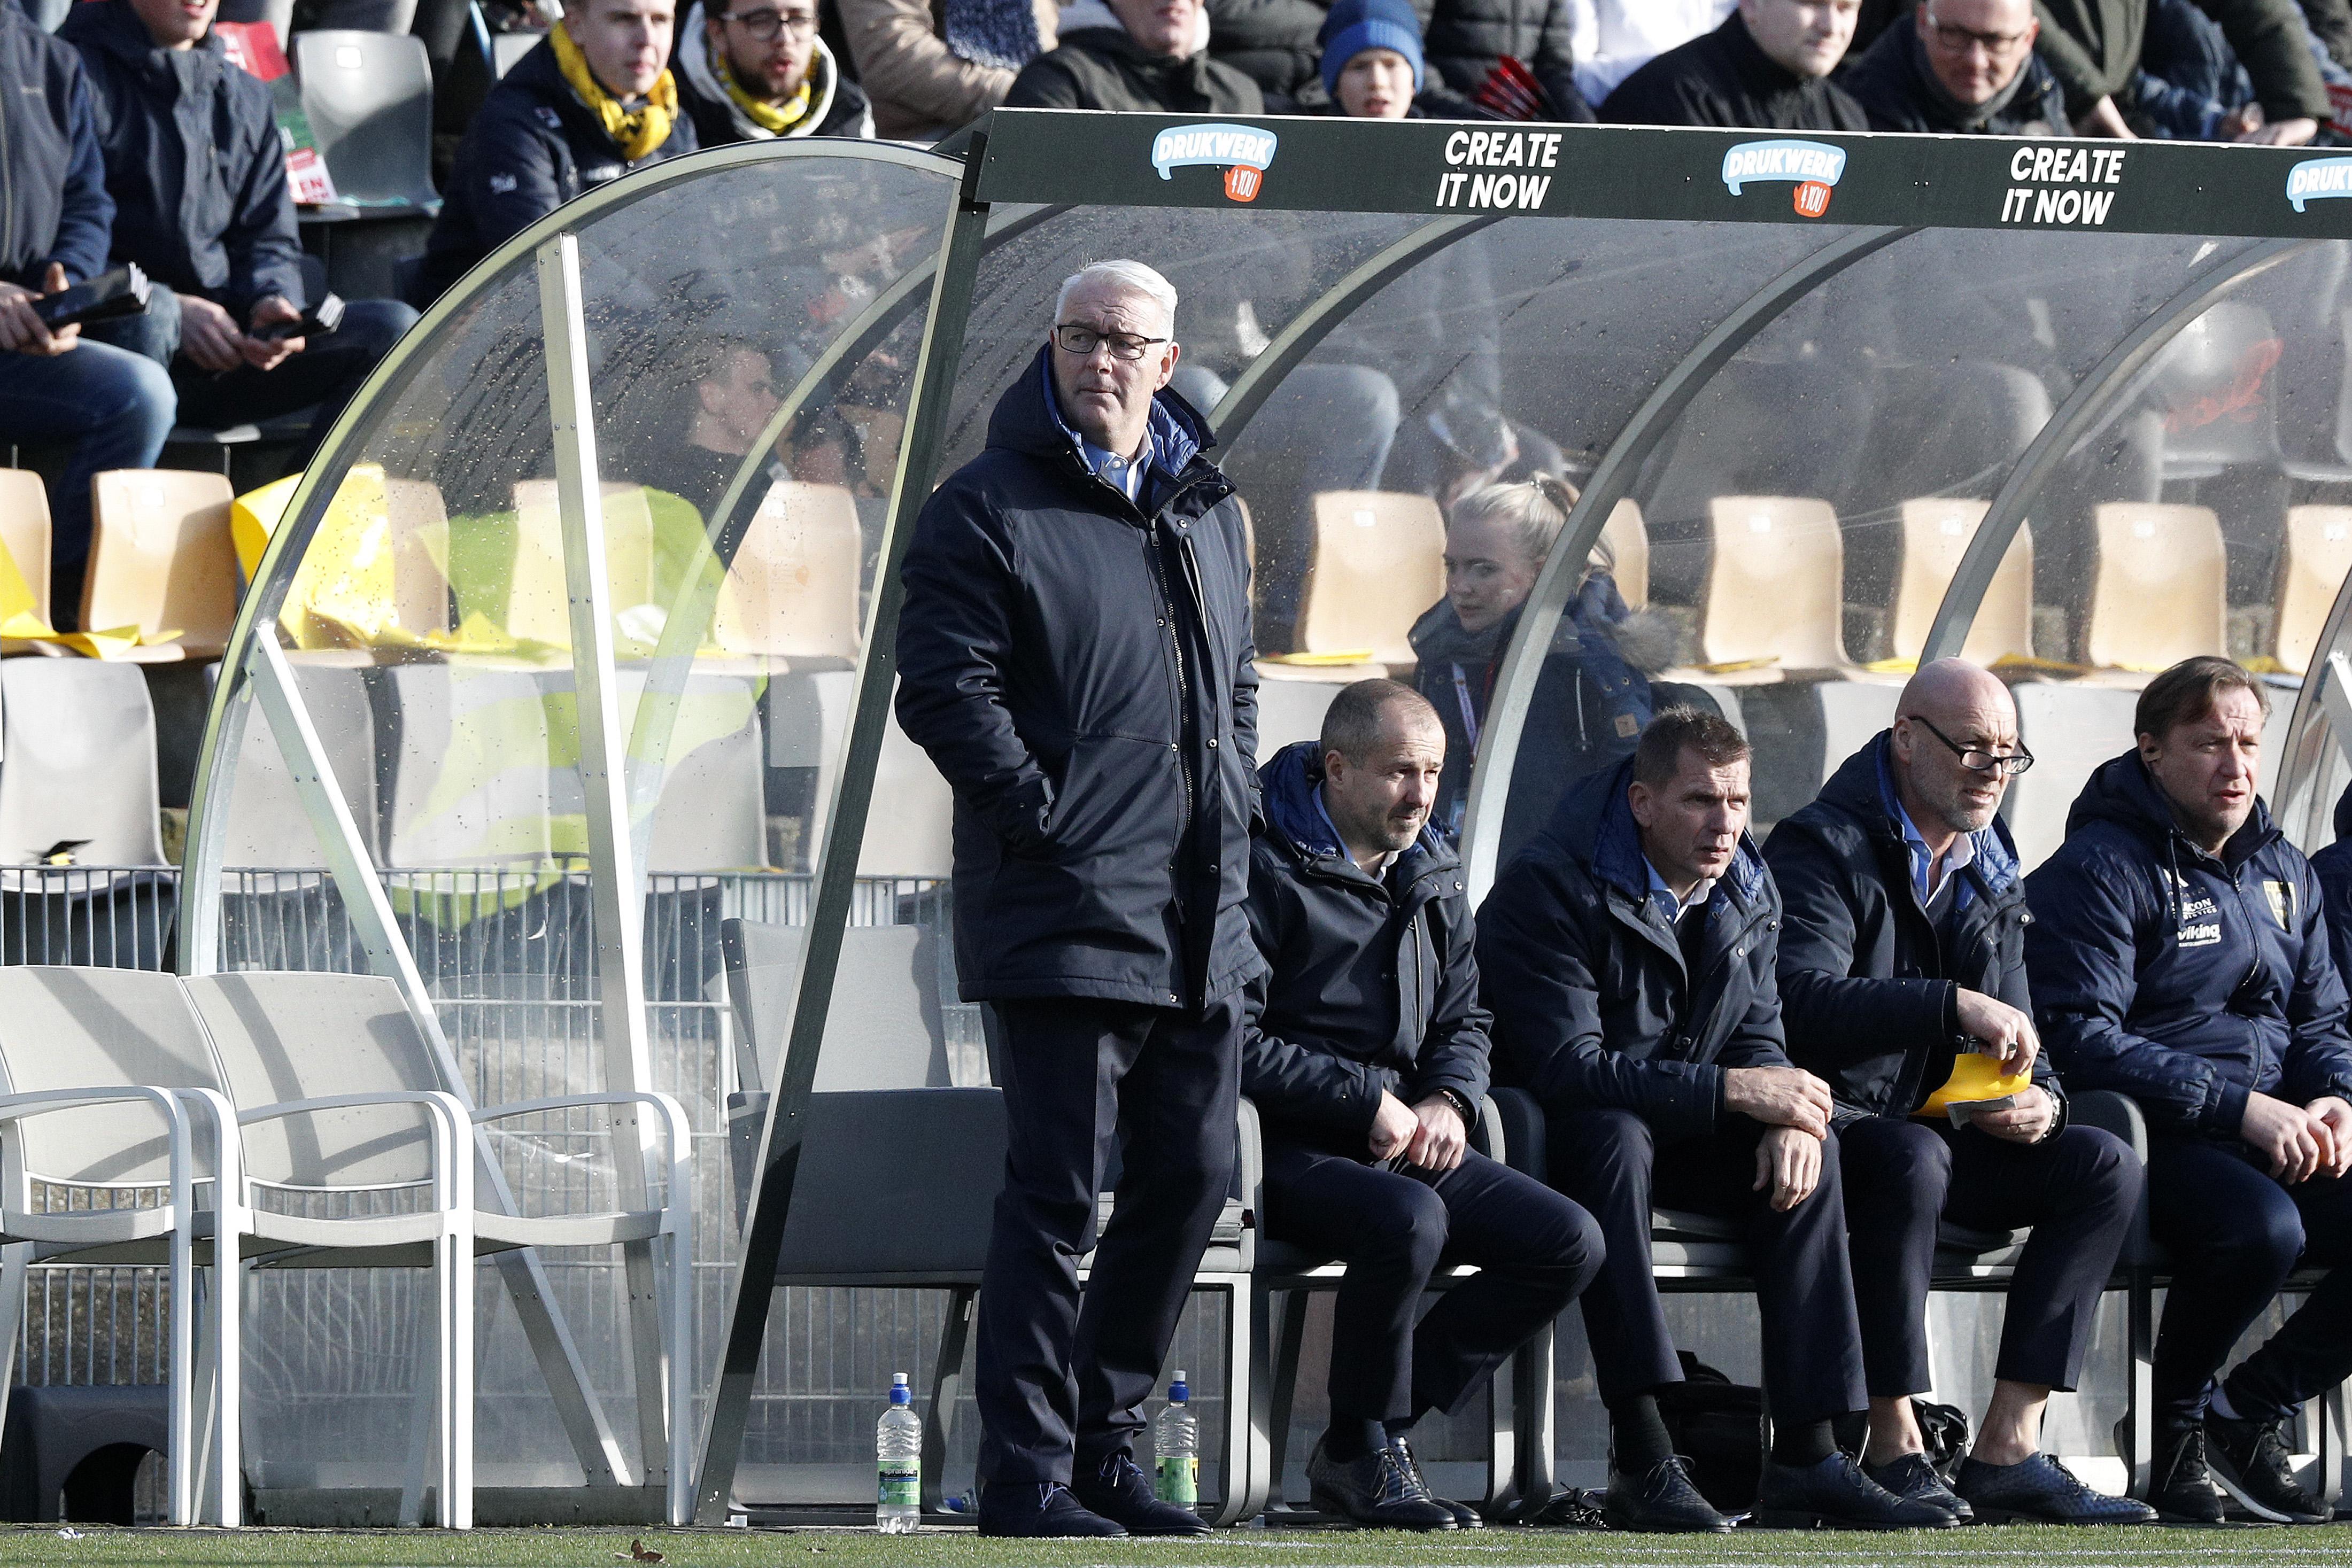 Tevreden VVV gaat verder met Hans de Koning: 'Hans heeft laten zien dat hij weet waar het om gaat'